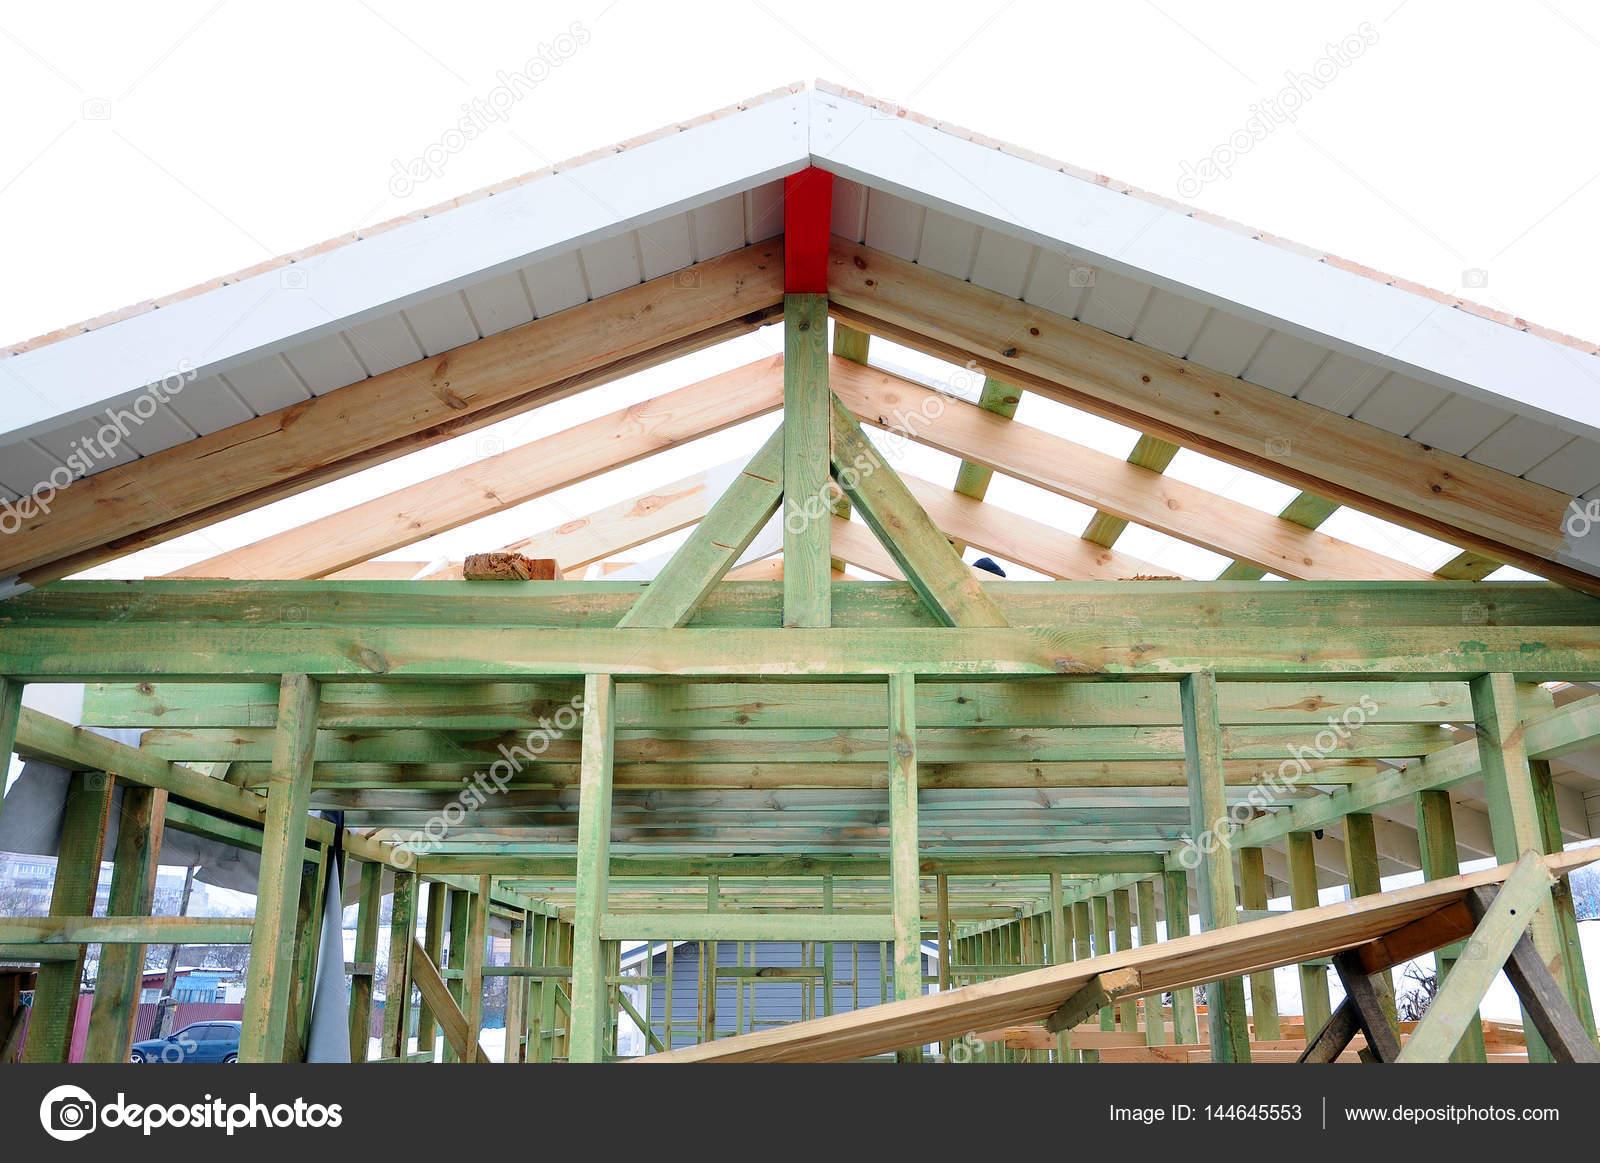 La estructura de madera del edificio Edificio de estructura de